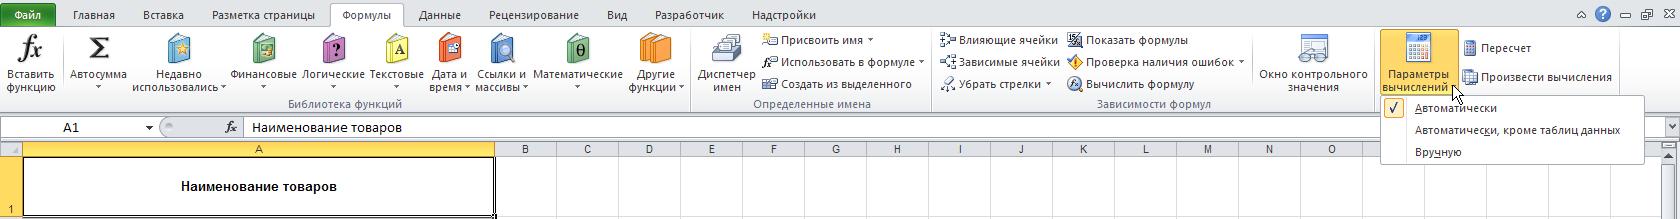 Excel: Лента - Формулы - Вычисление - Параметры вычислений